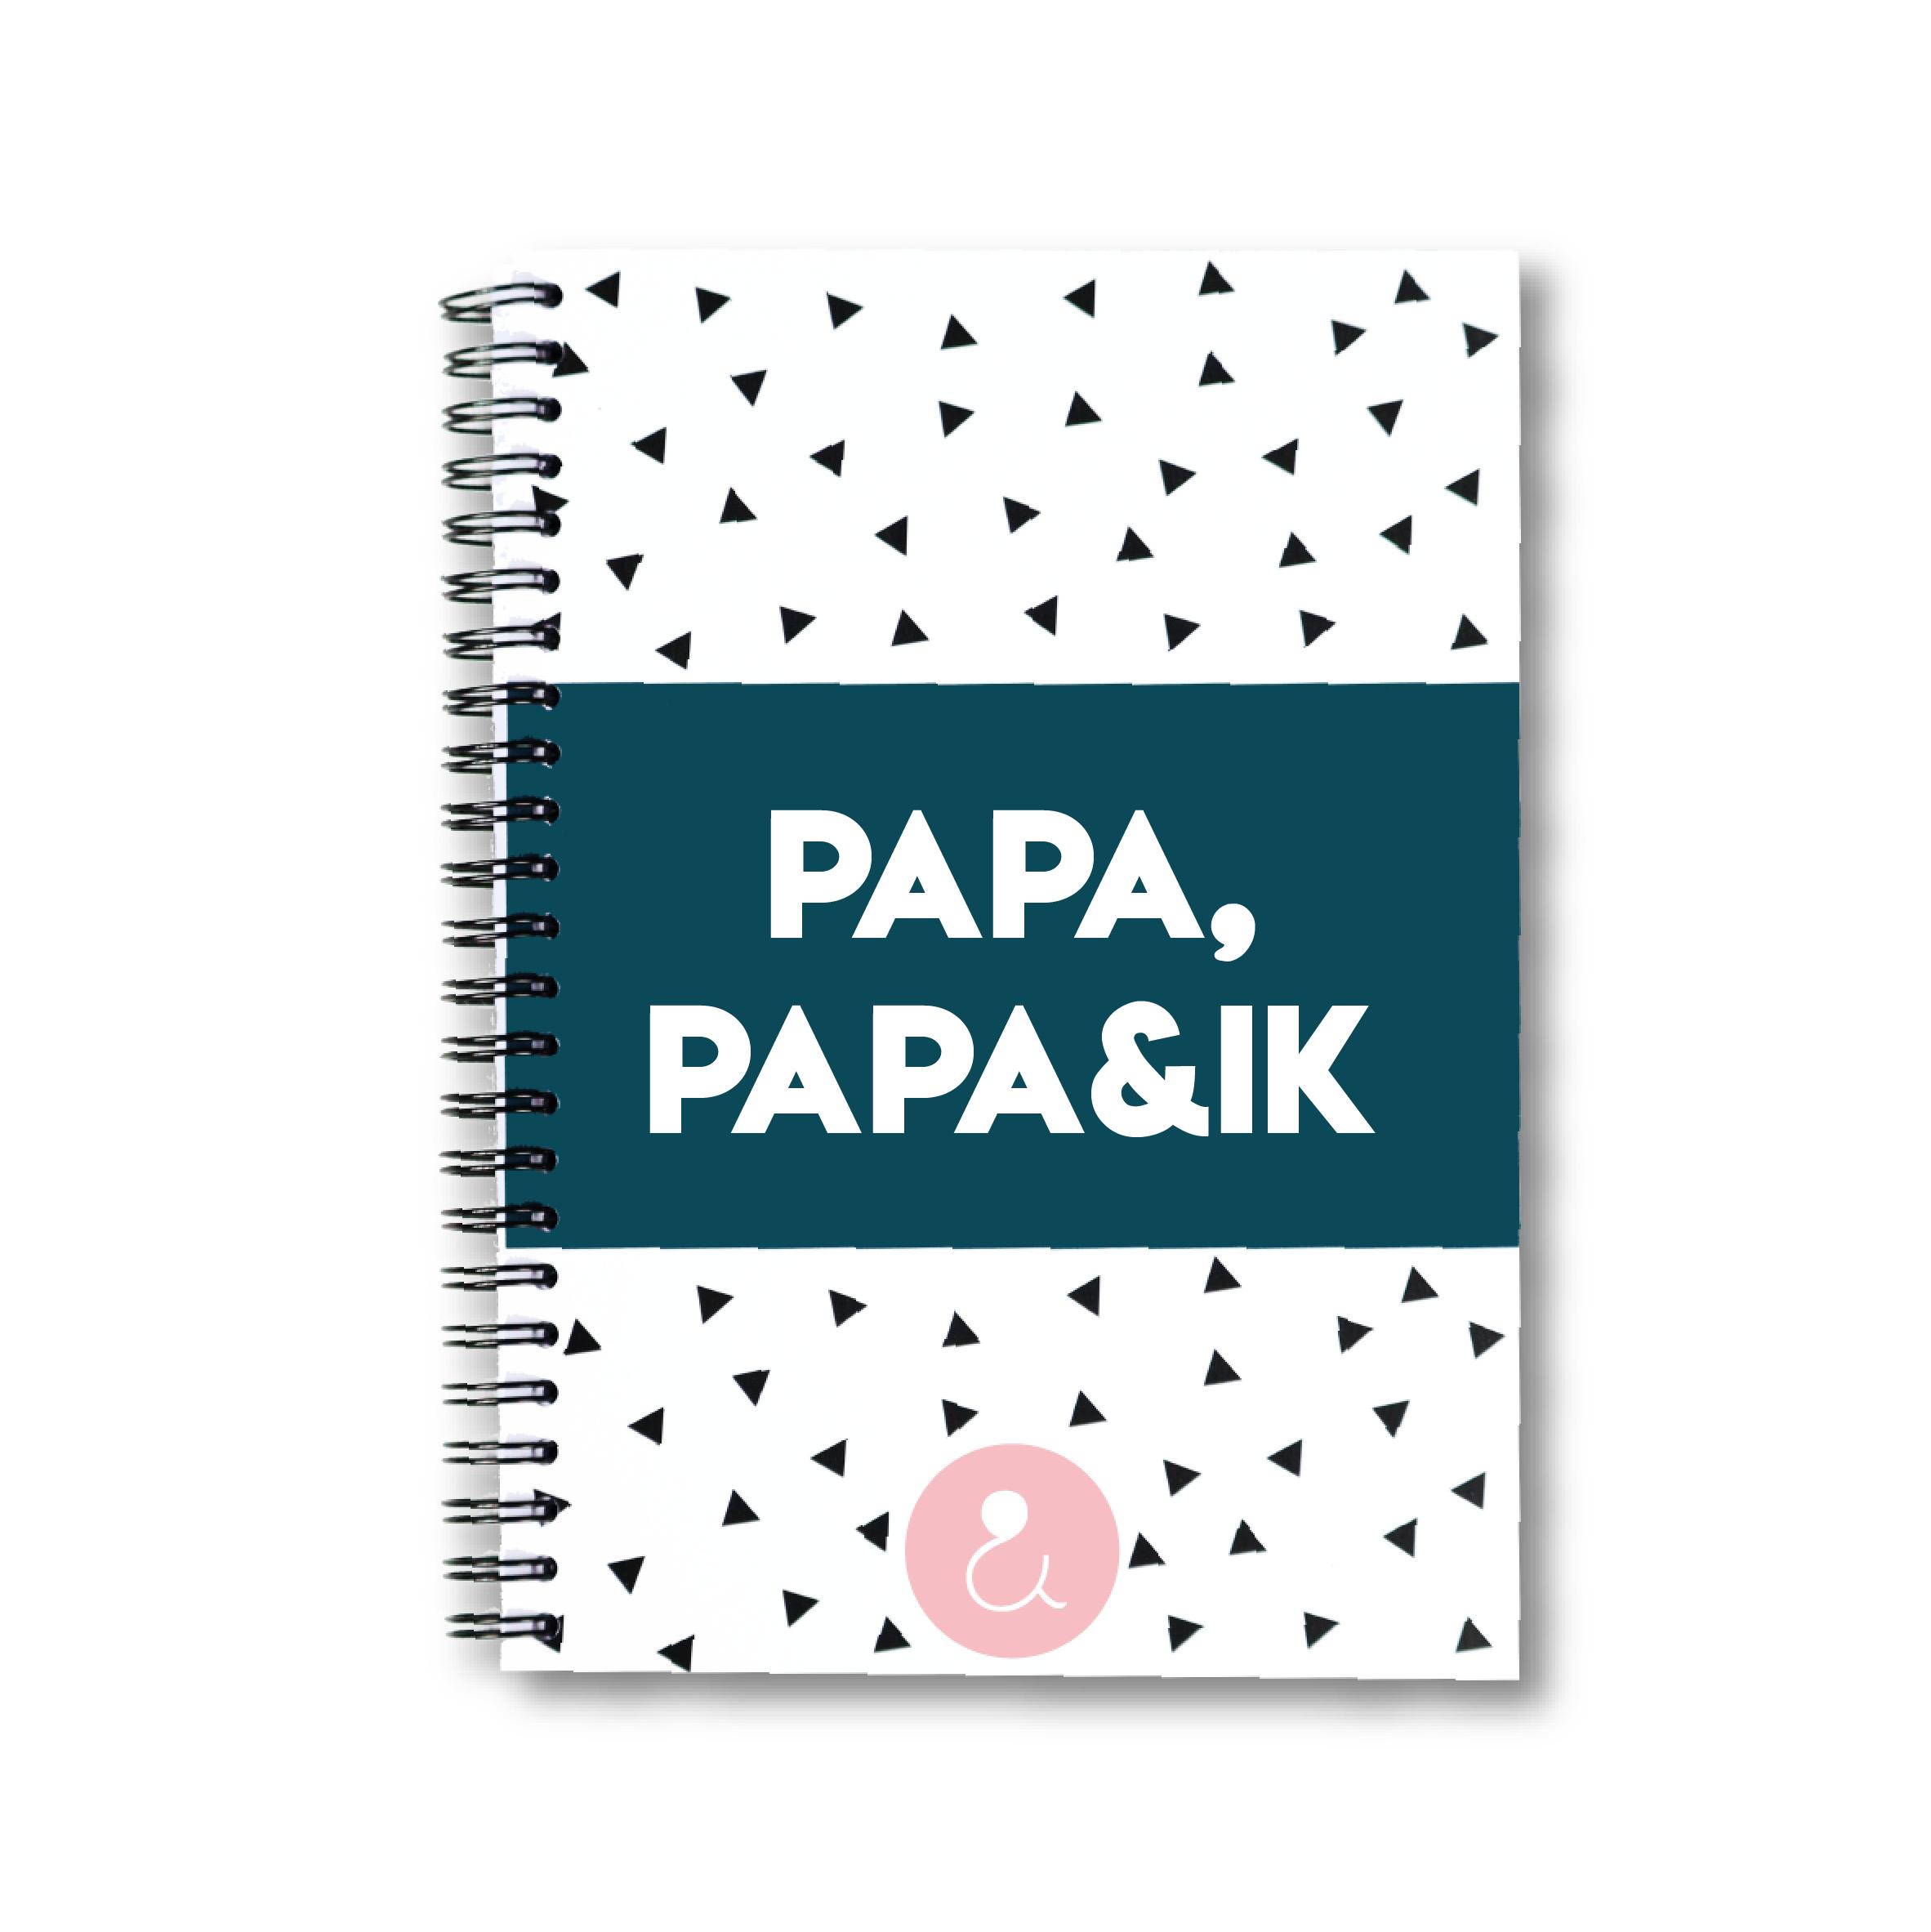 Papa, papa&ik | invulboek voor papa's (roze stip)